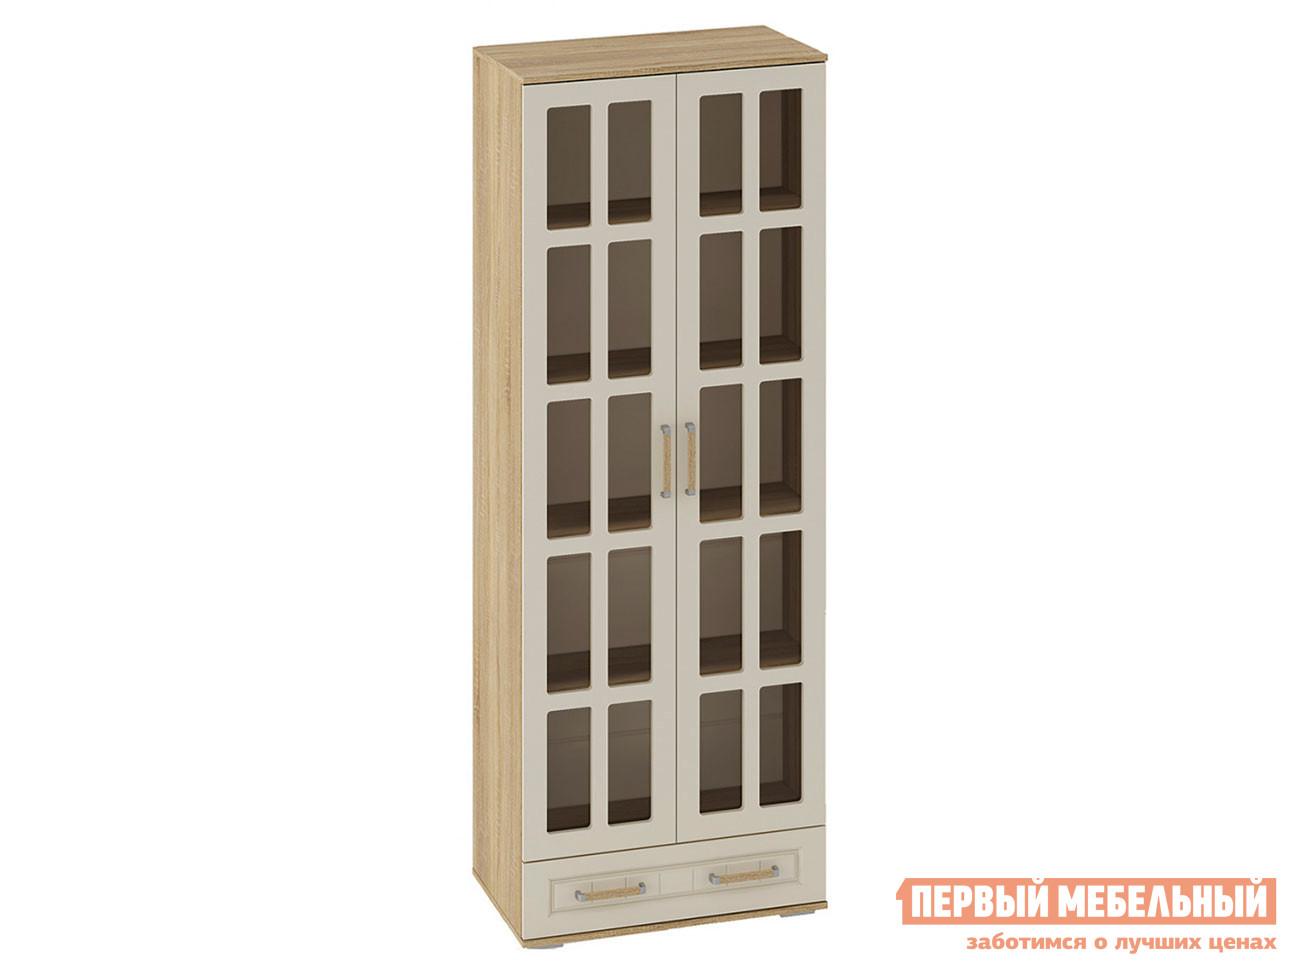 цена на Шкаф-витрина Первый Мебельный Шкаф витрина Маркиза